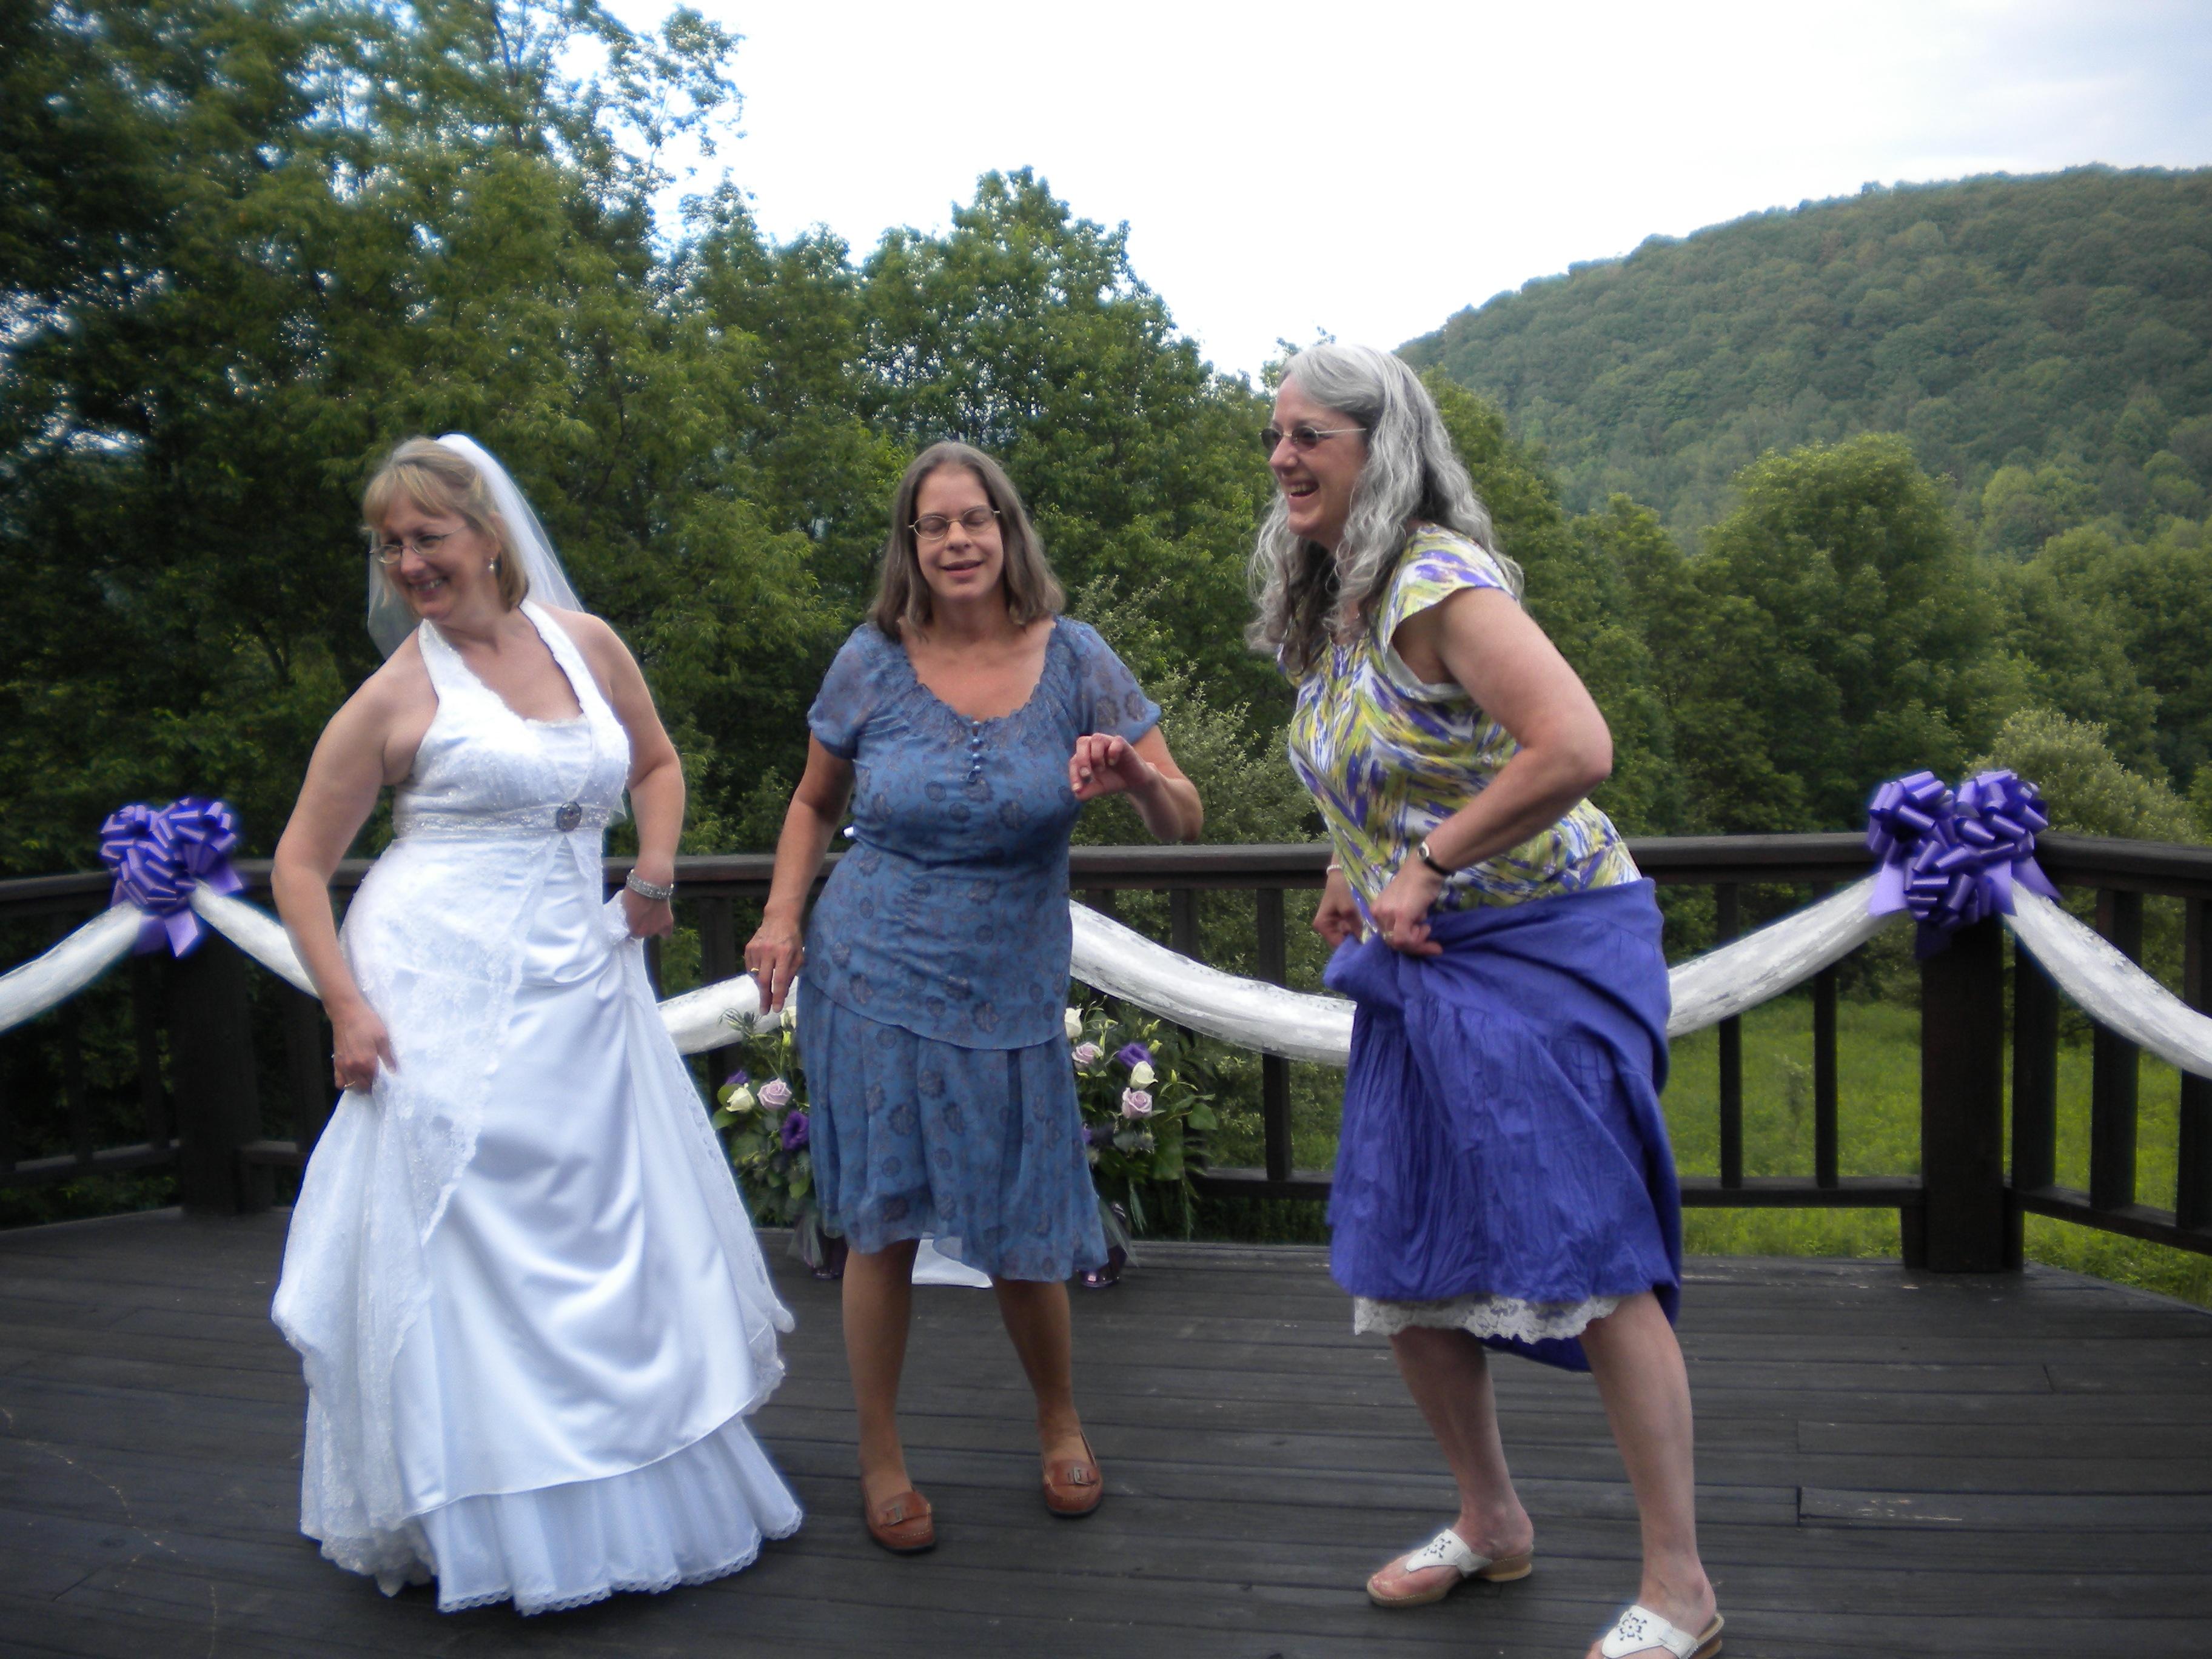 Dancing at my wedding.